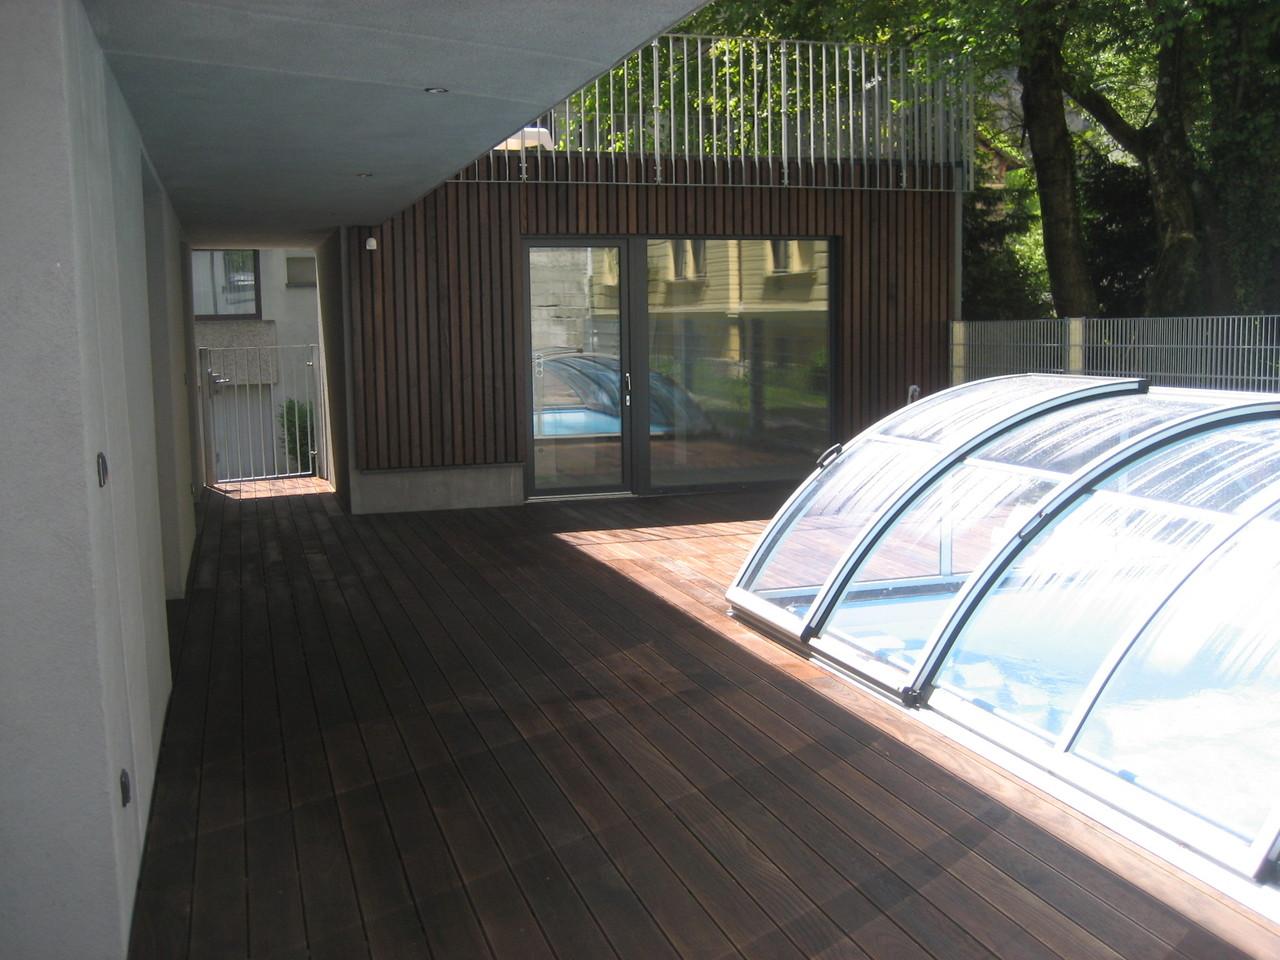 Poolumrandung mit Thermo- Esche Dielen und Fassade mit Thermo- Esche Staffeln